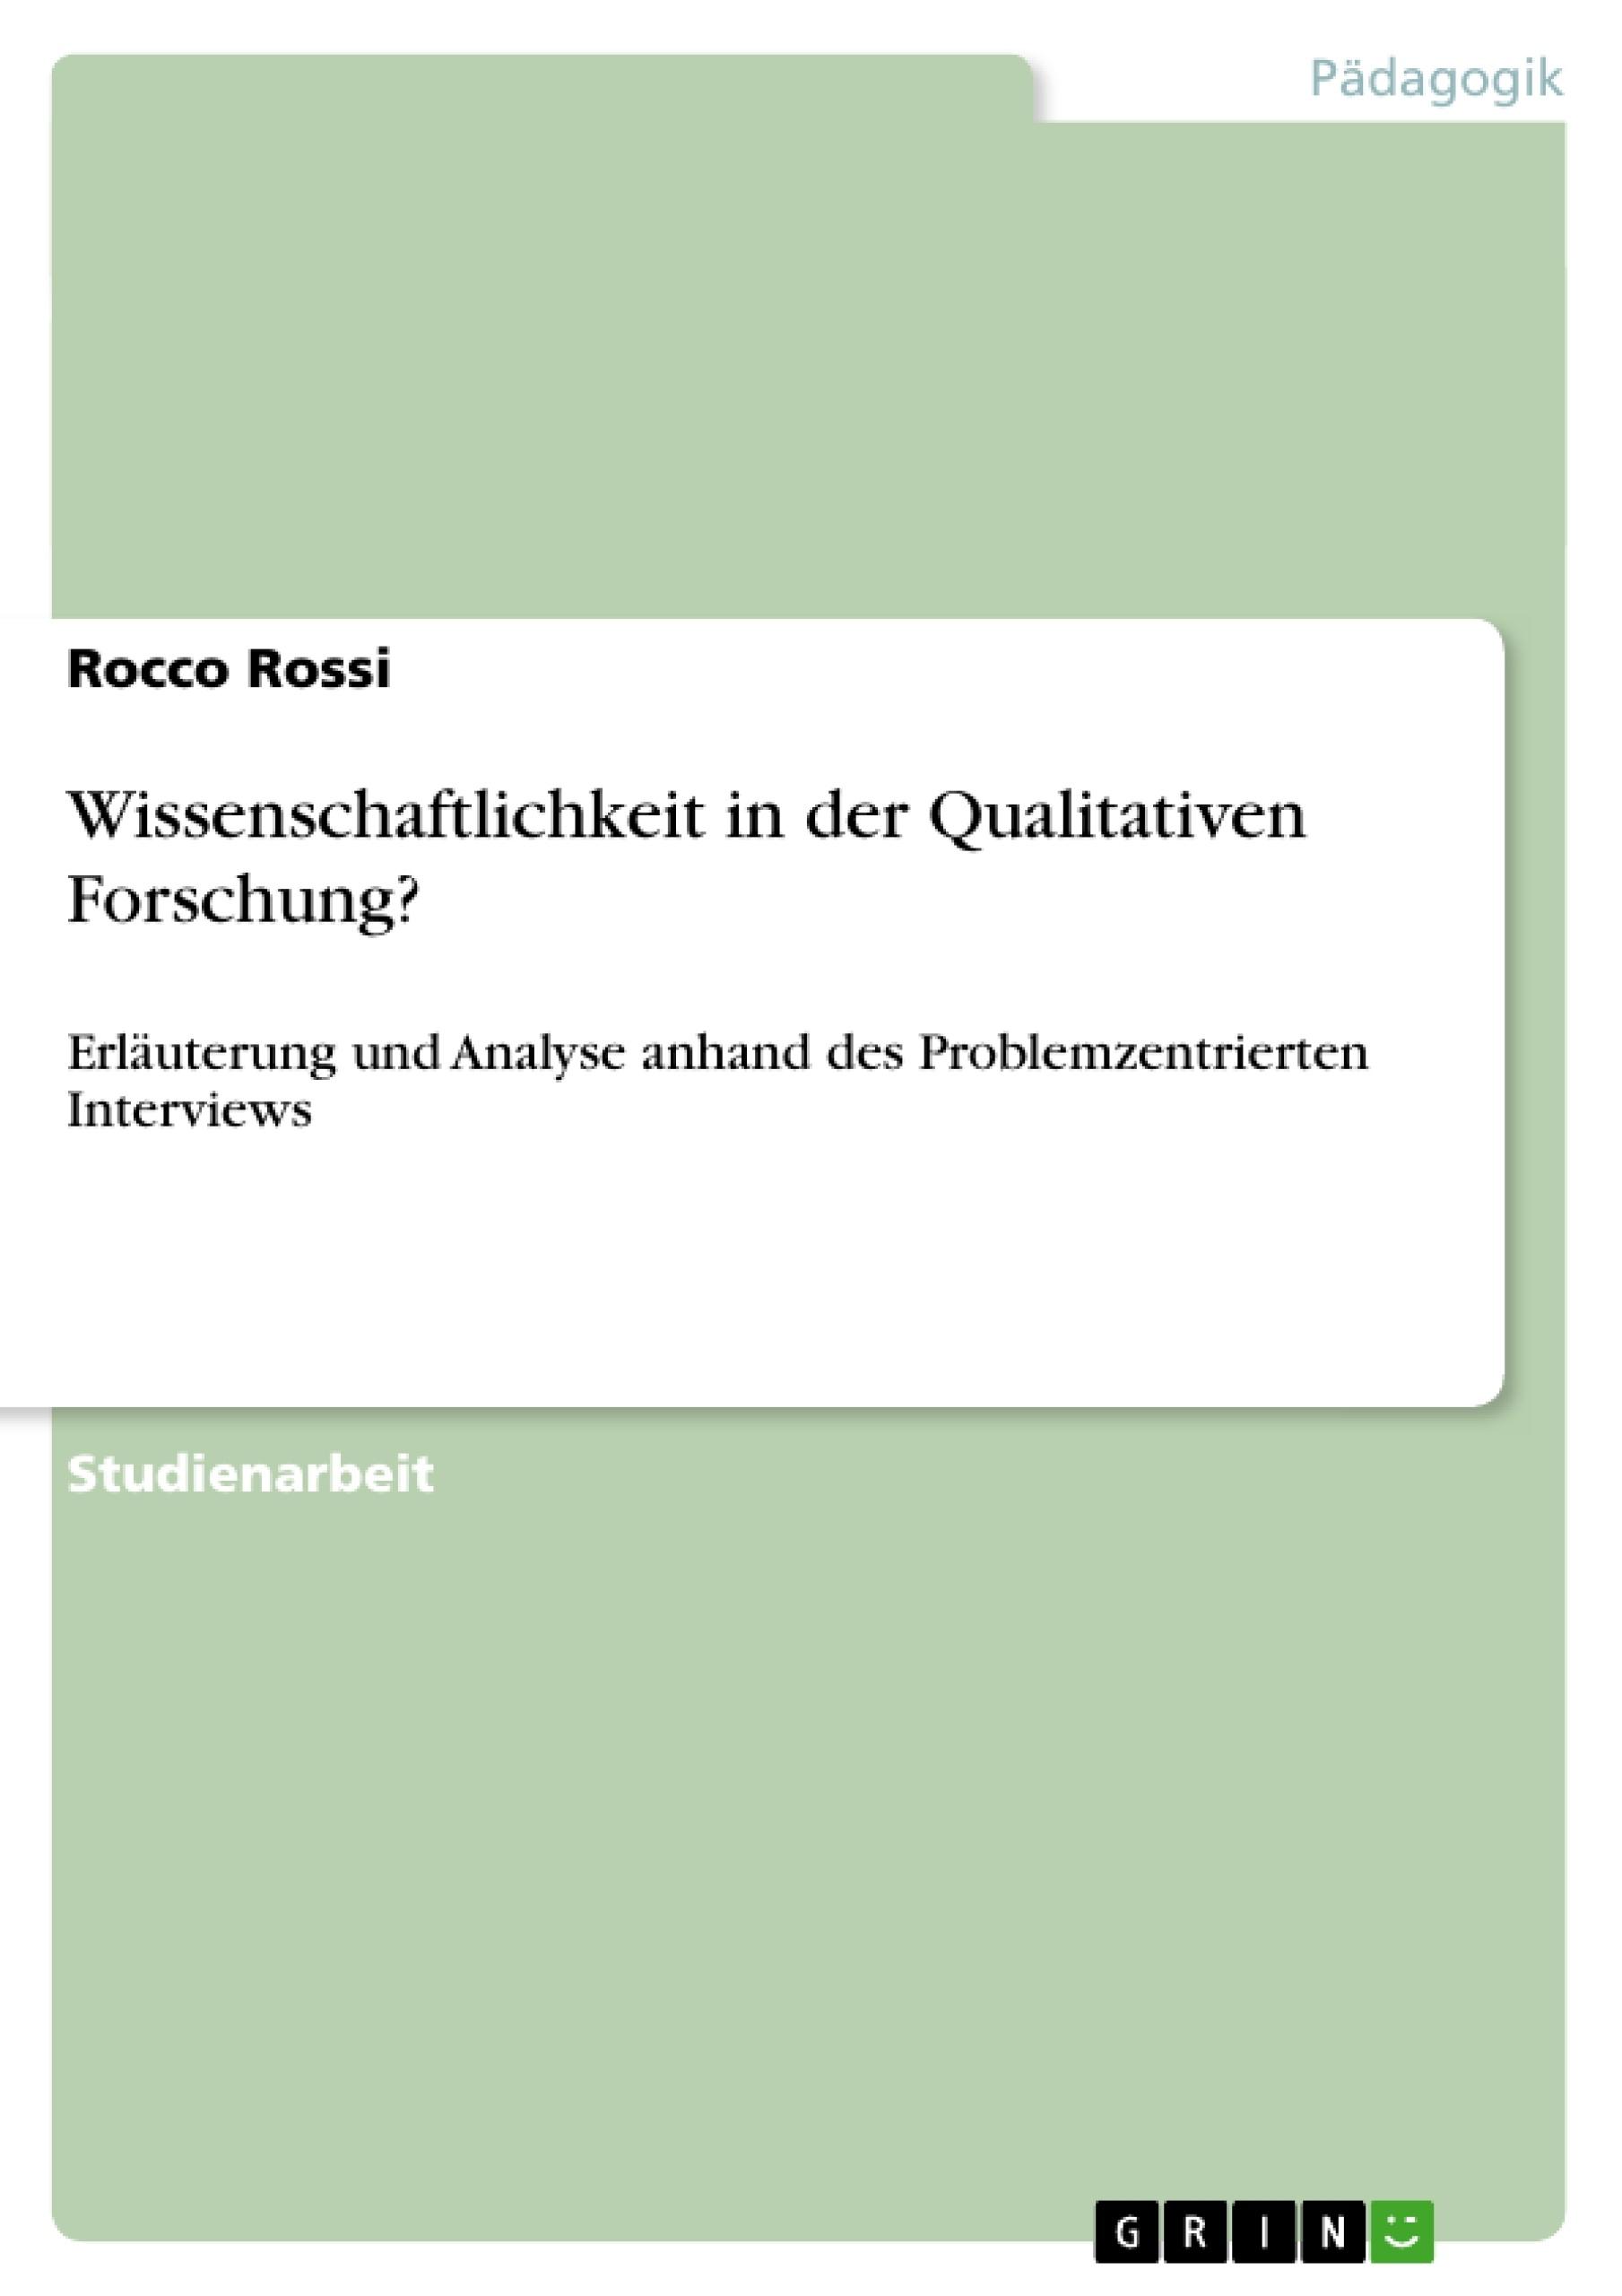 Titel: Wissenschaftlichkeit in der Qualitativen Forschung?